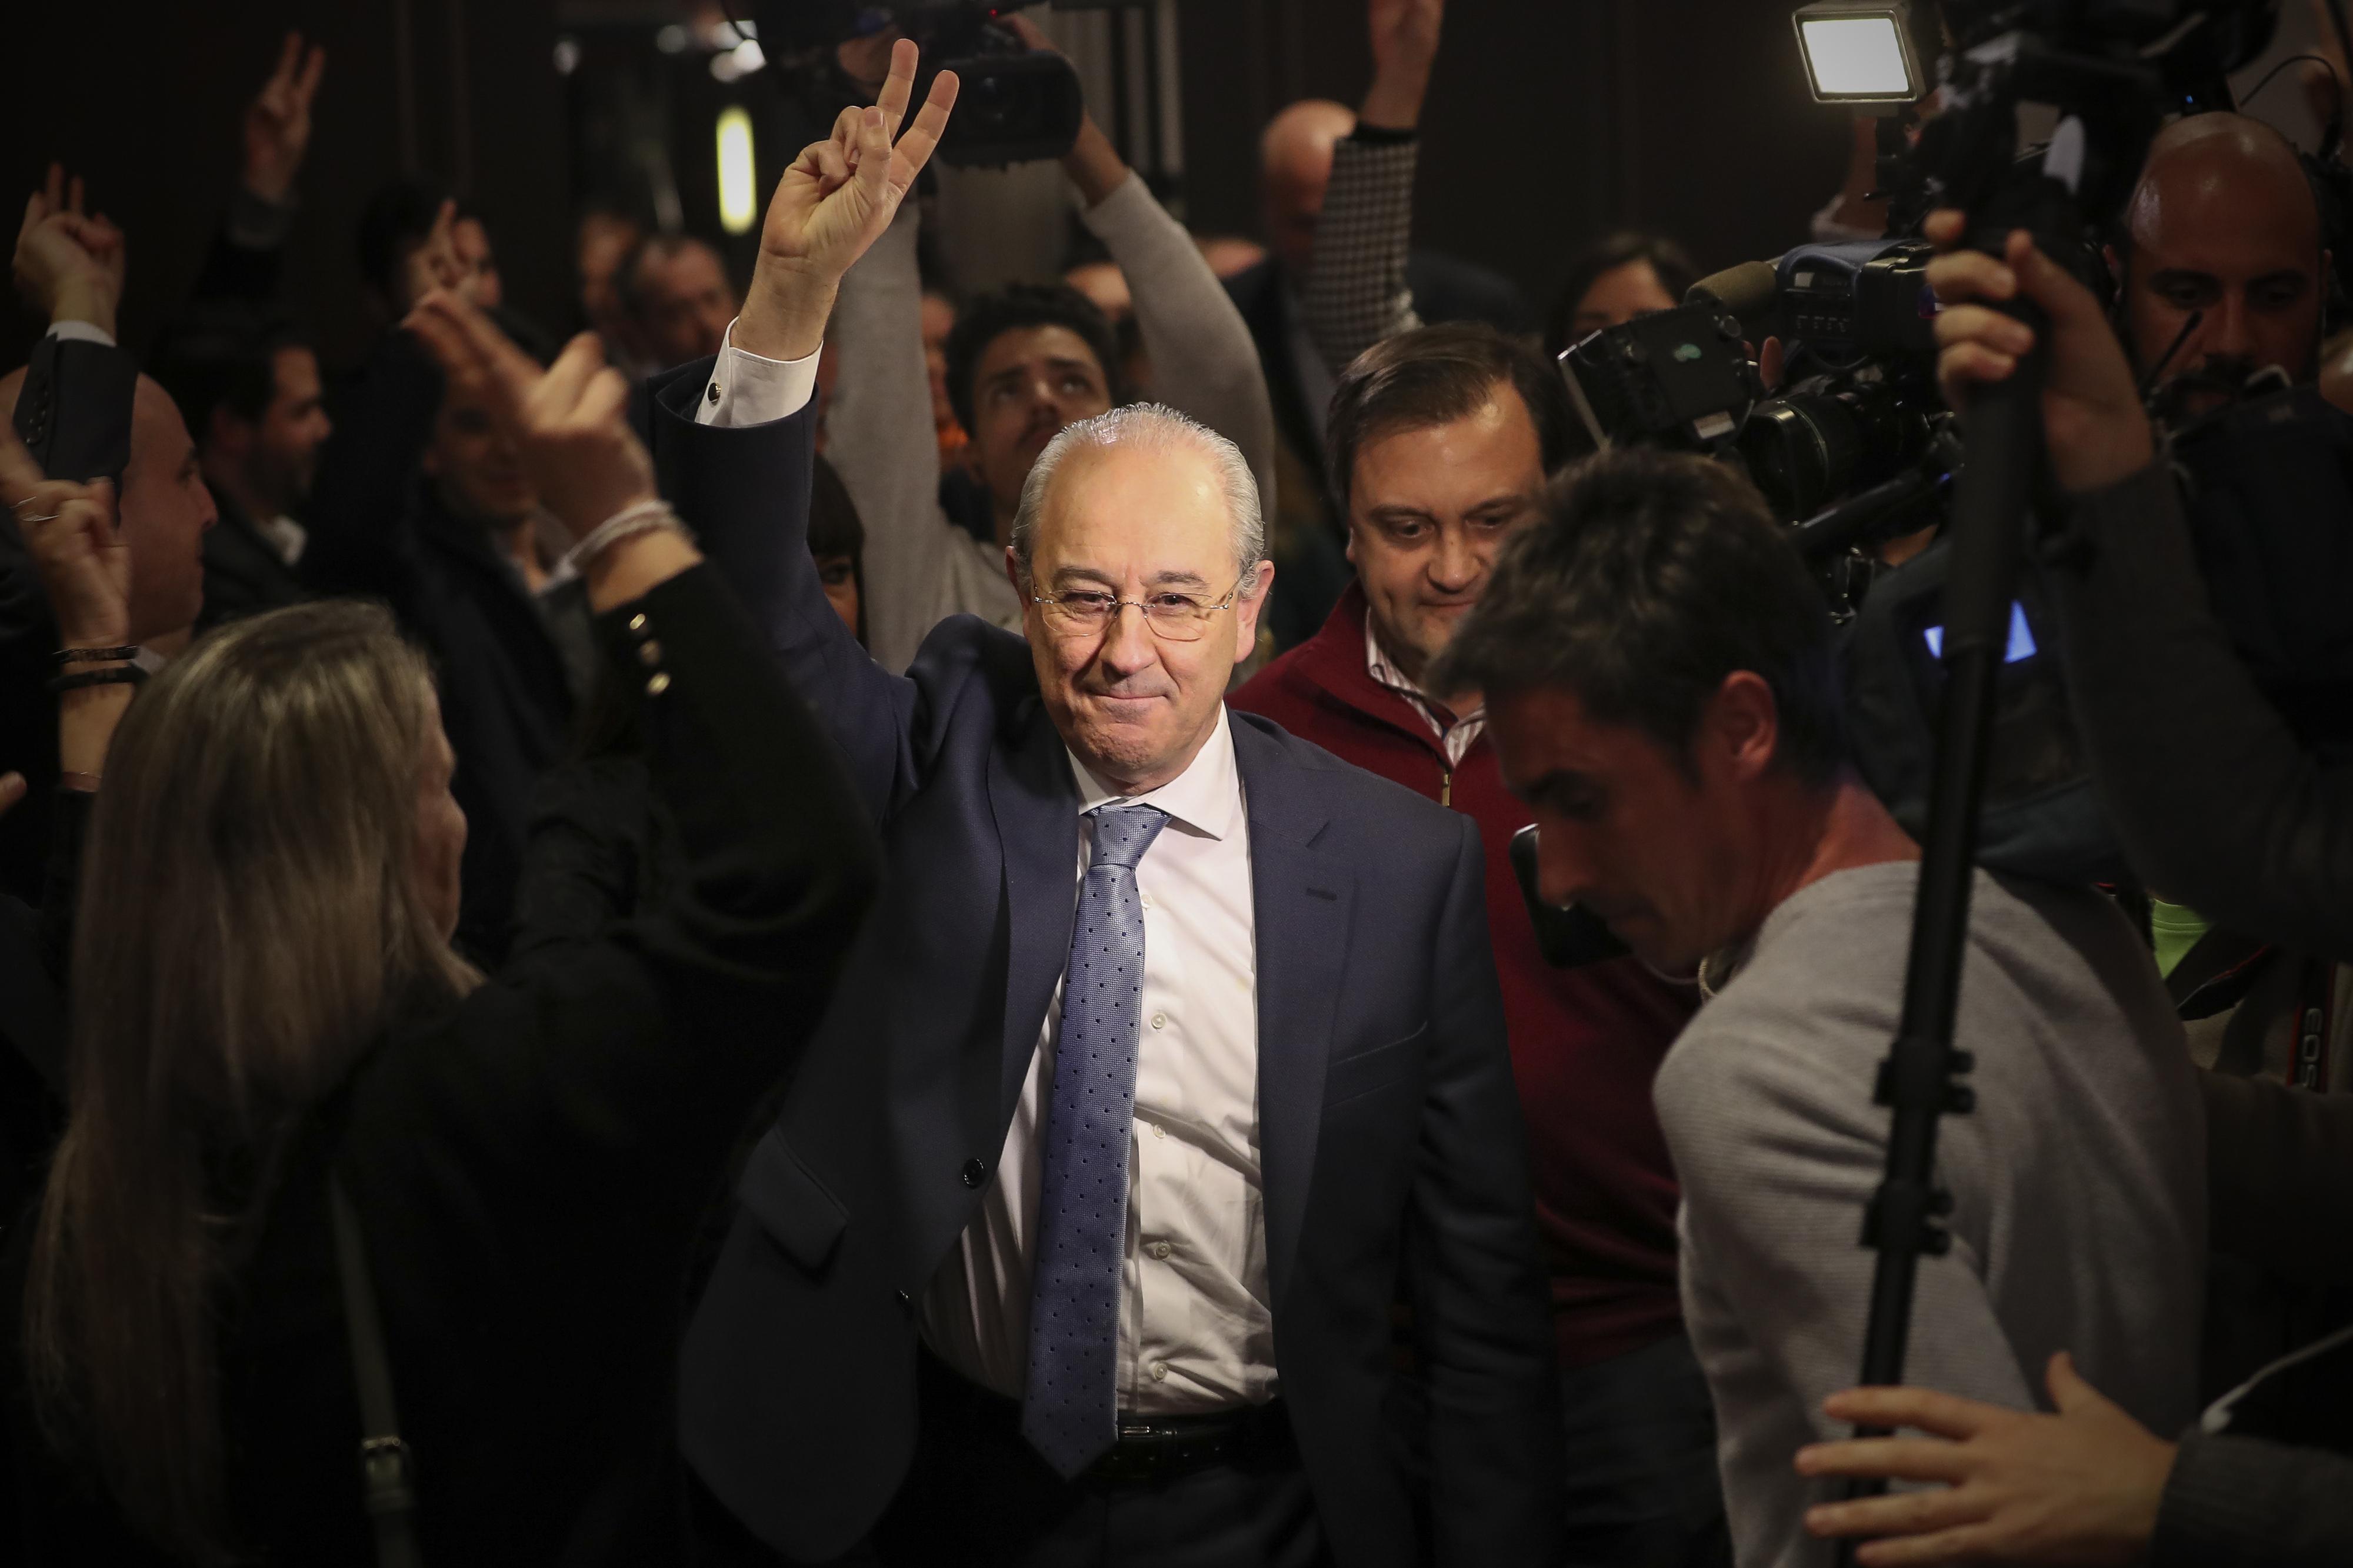 PSD: Agora com liderança reforçada, estes são os primeiros desafios de Rio